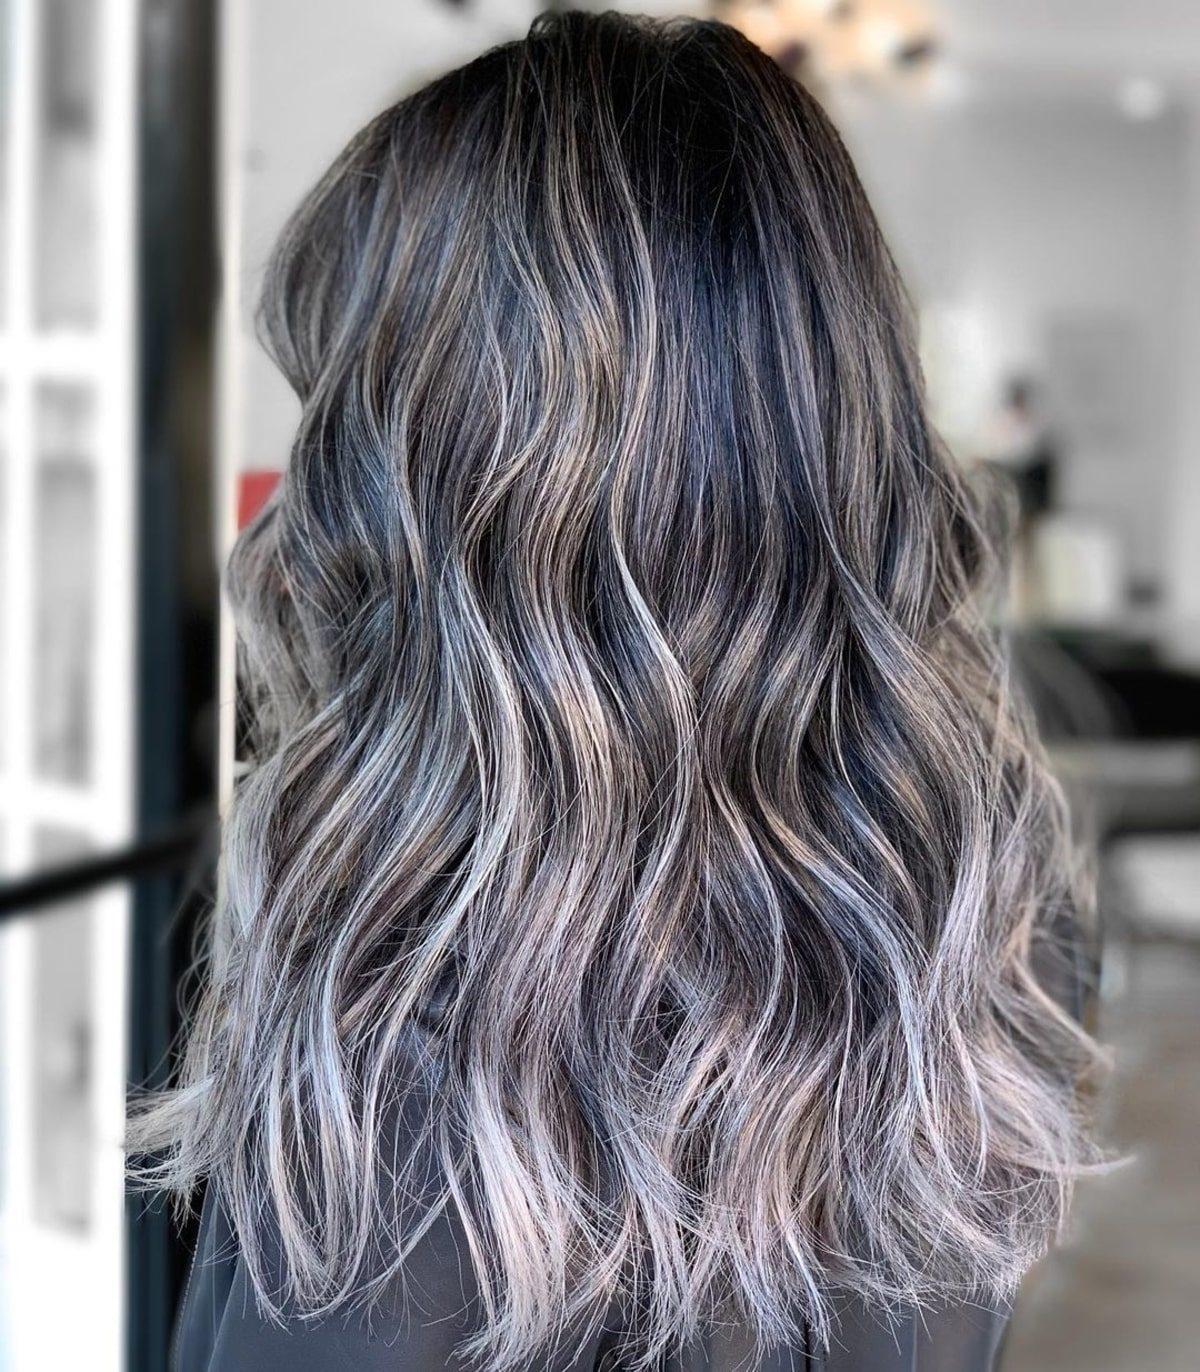 Cheveux foncés avec des mèches argentées